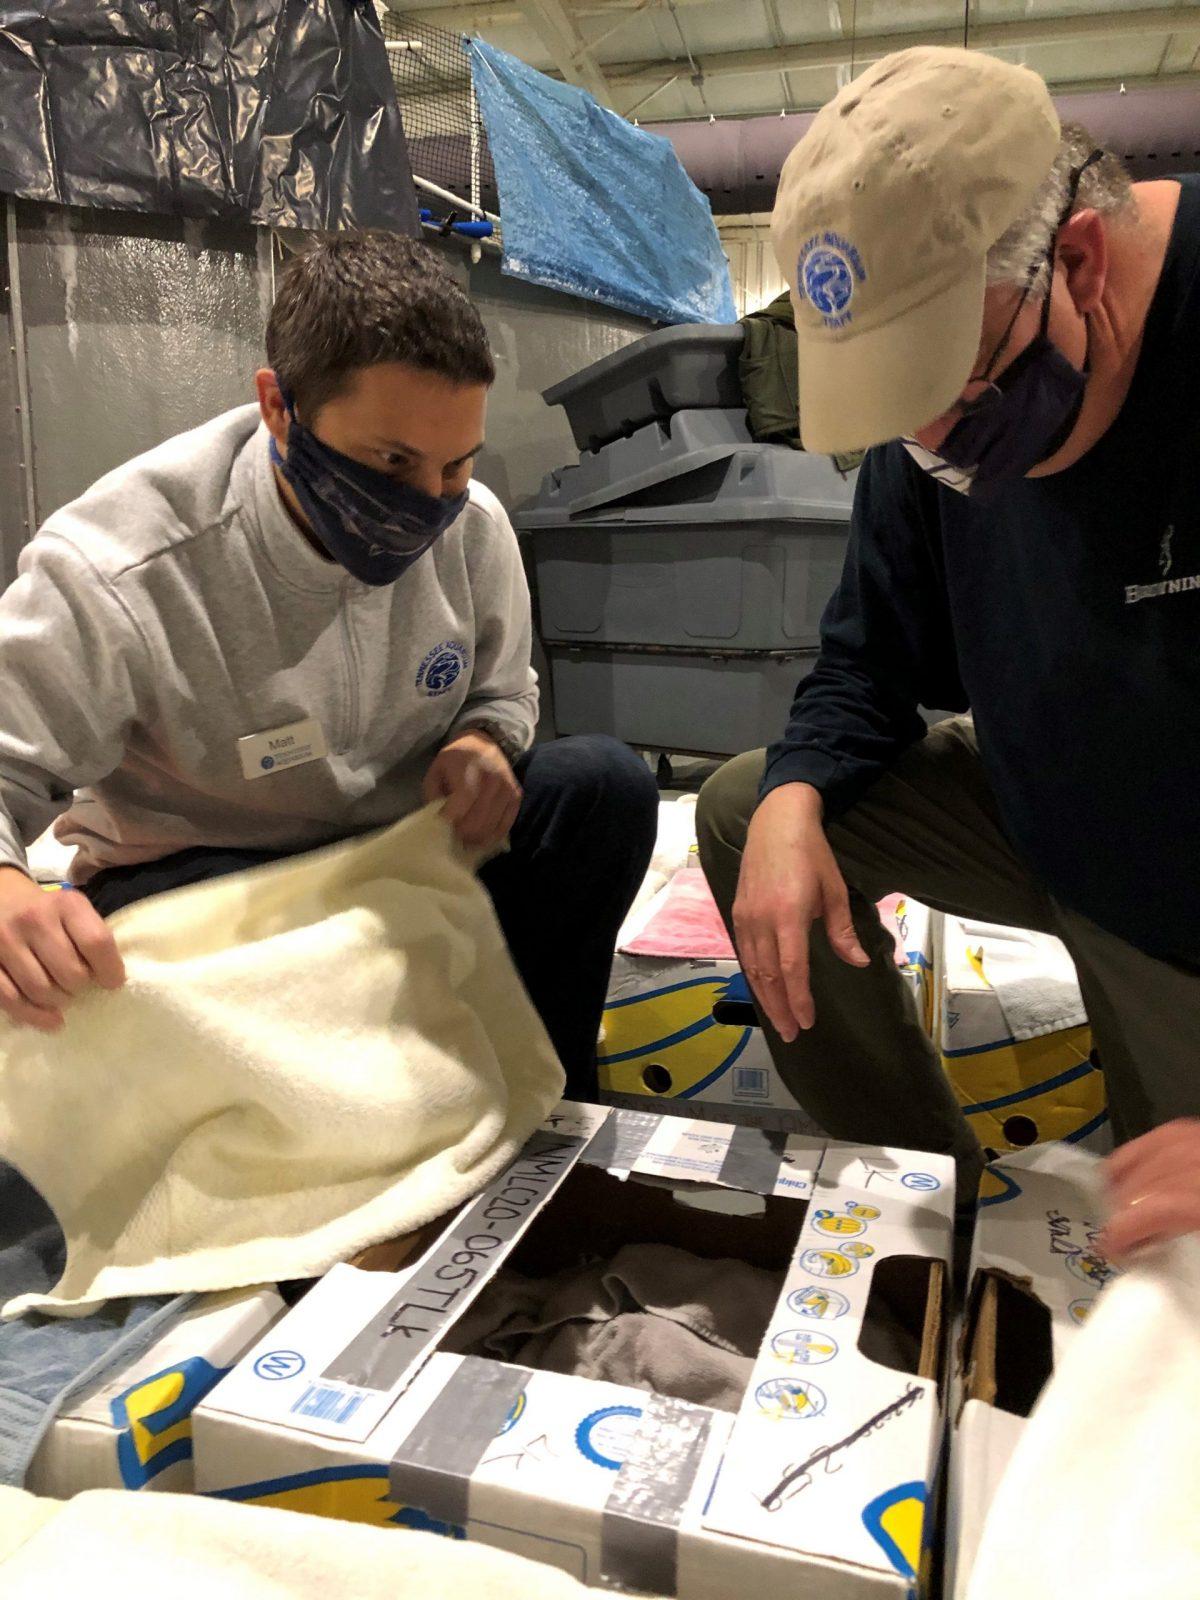 Aquarium staff examining turtle